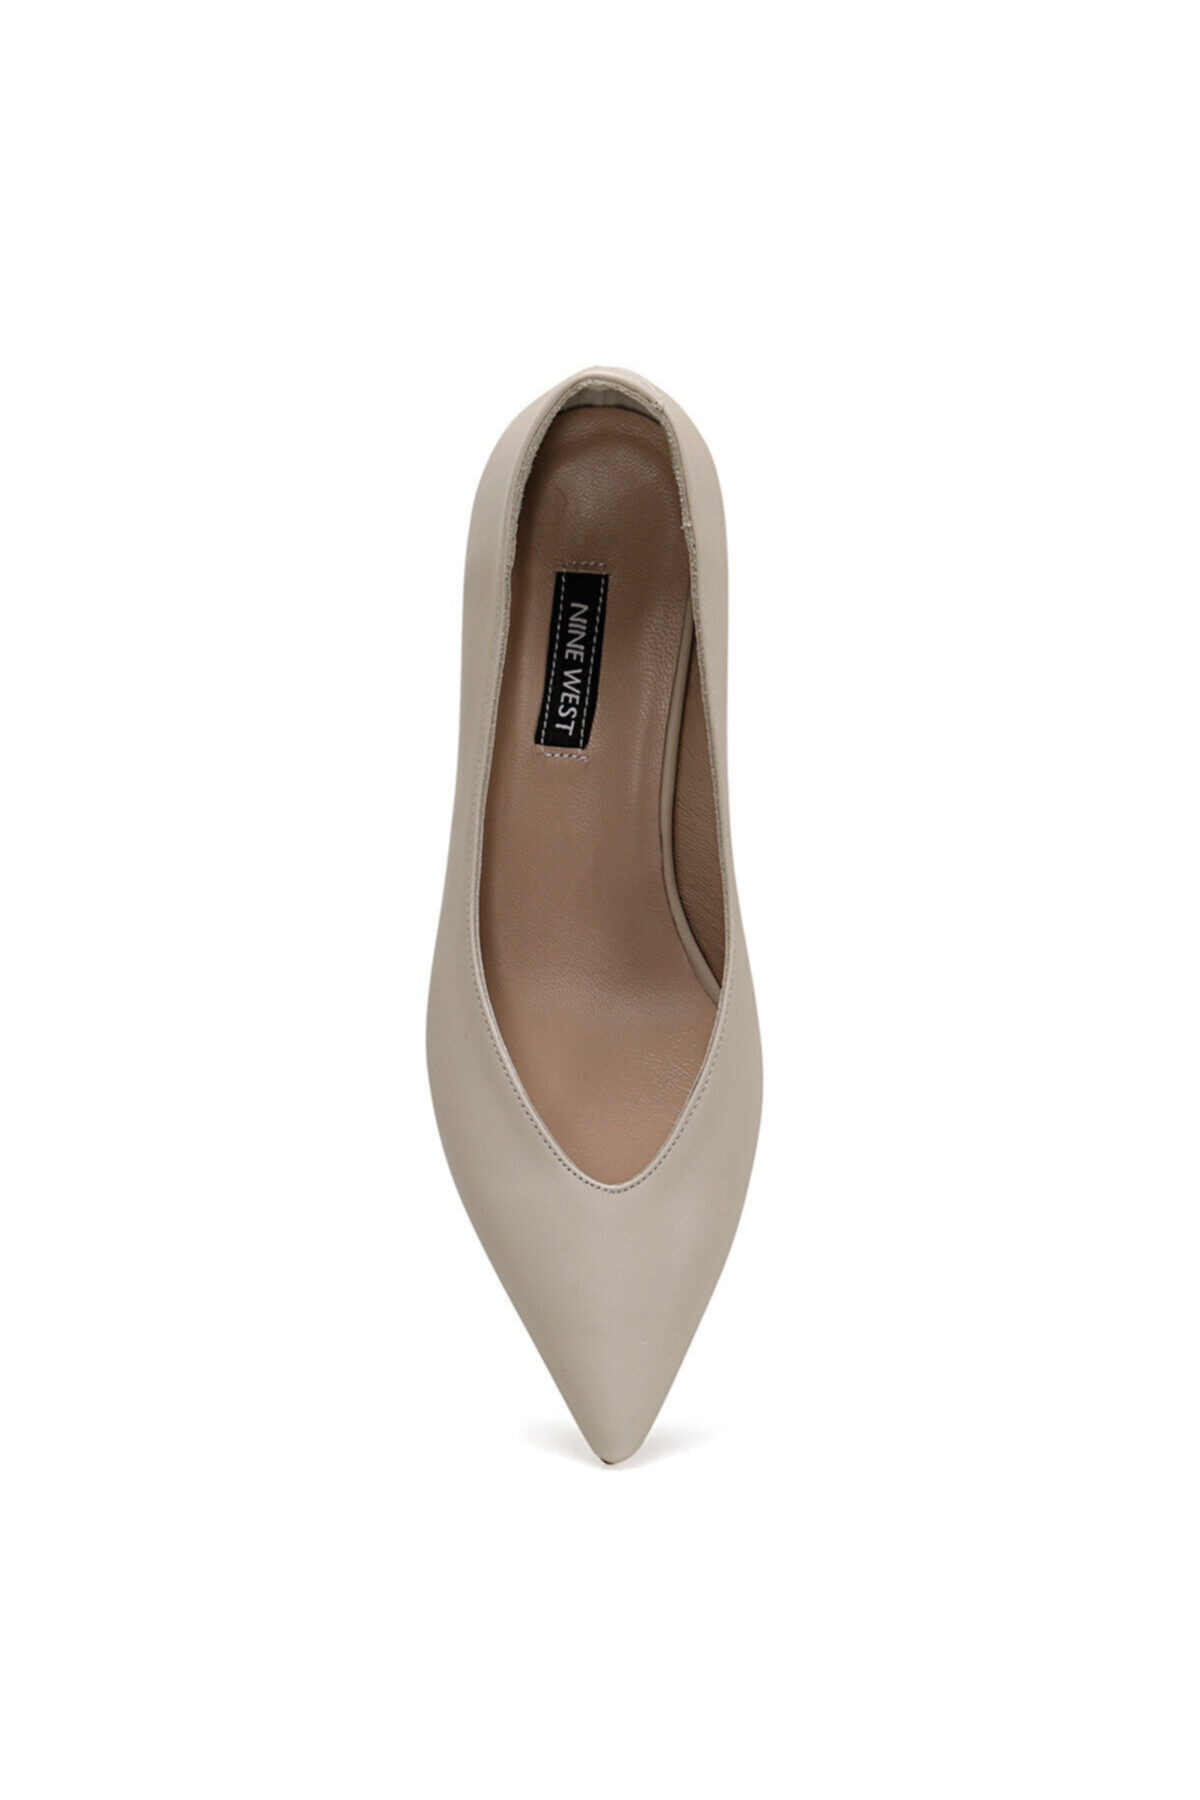 Nine West MARNA Beyaz Kadın Hakiki Deri Topuklu Ayakkabı 100582017 2